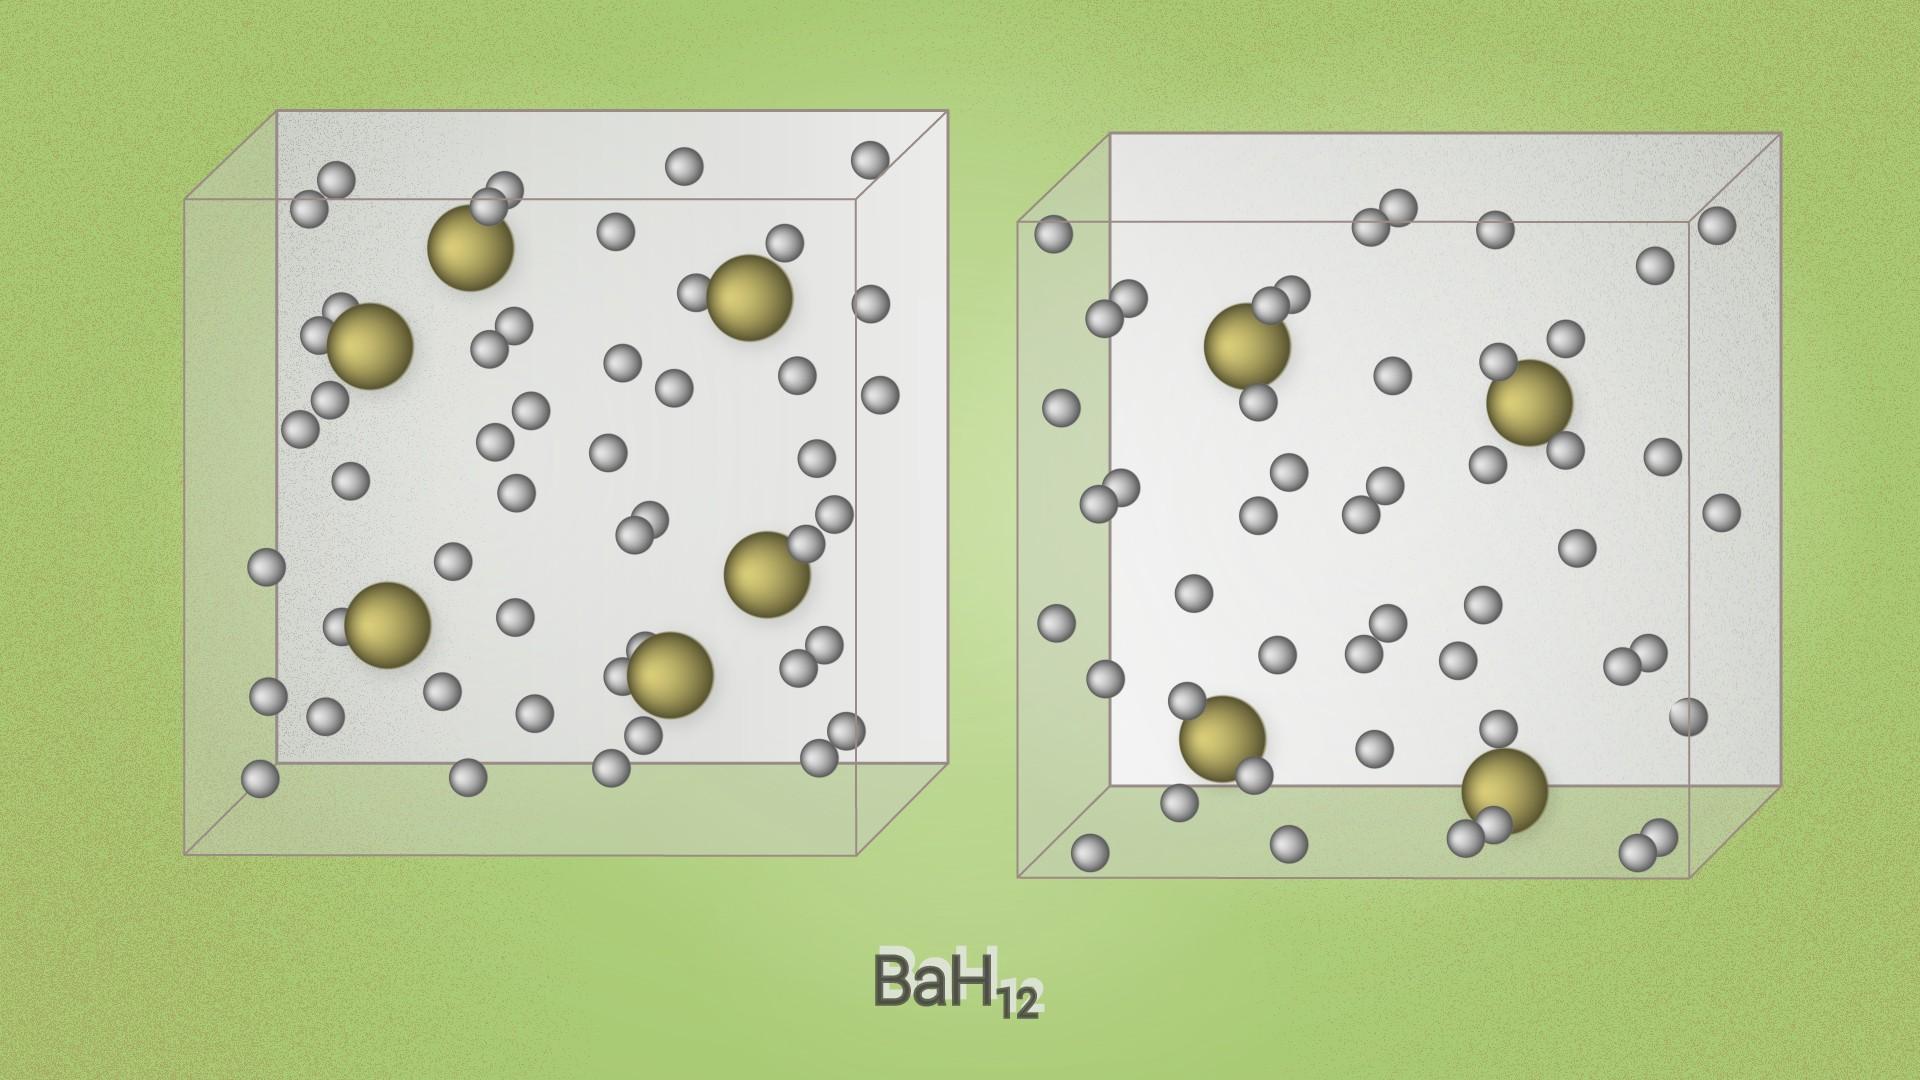 bah12_3